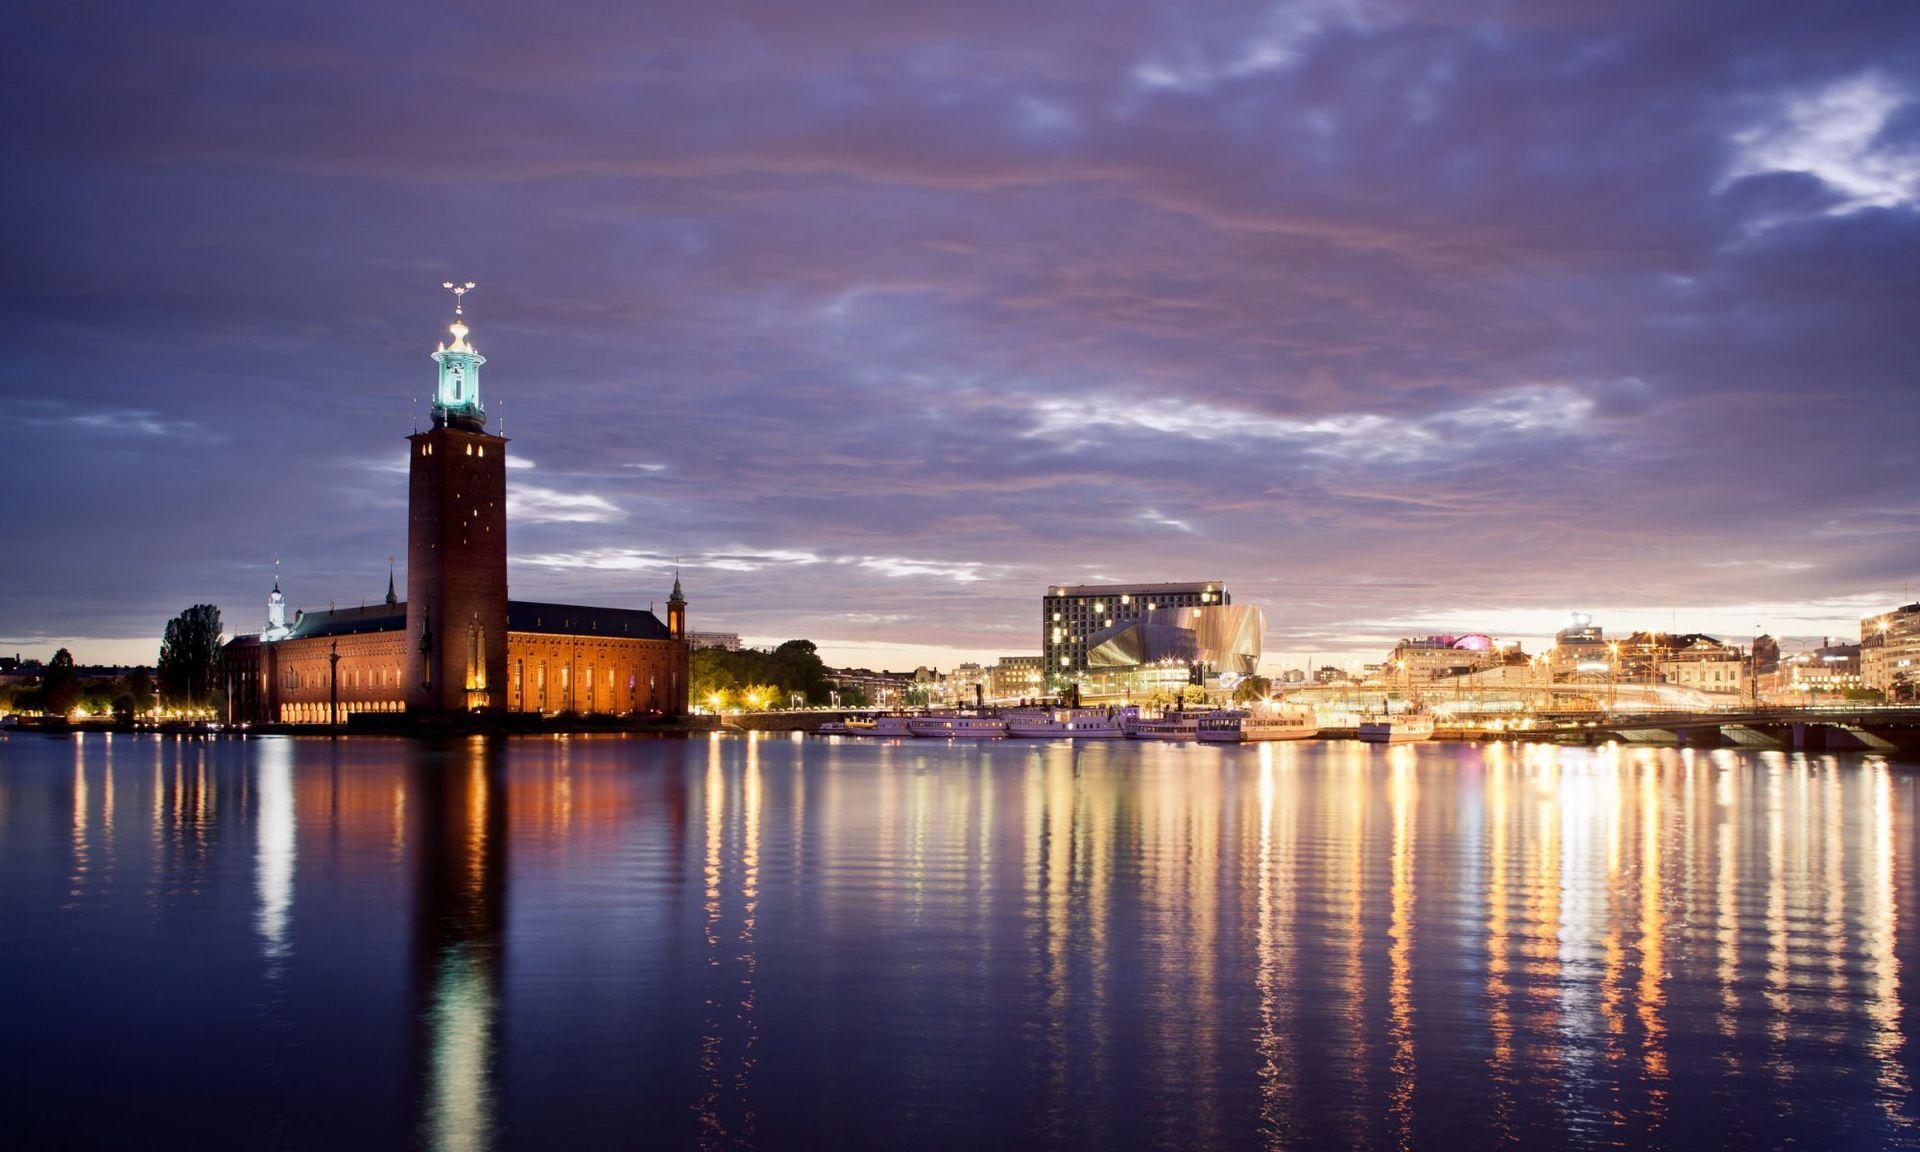 Vinner VG igjen det nordiske mesterskapet i datajournalistikk? På neste ukes konferanse i Stockholm får vi svaret